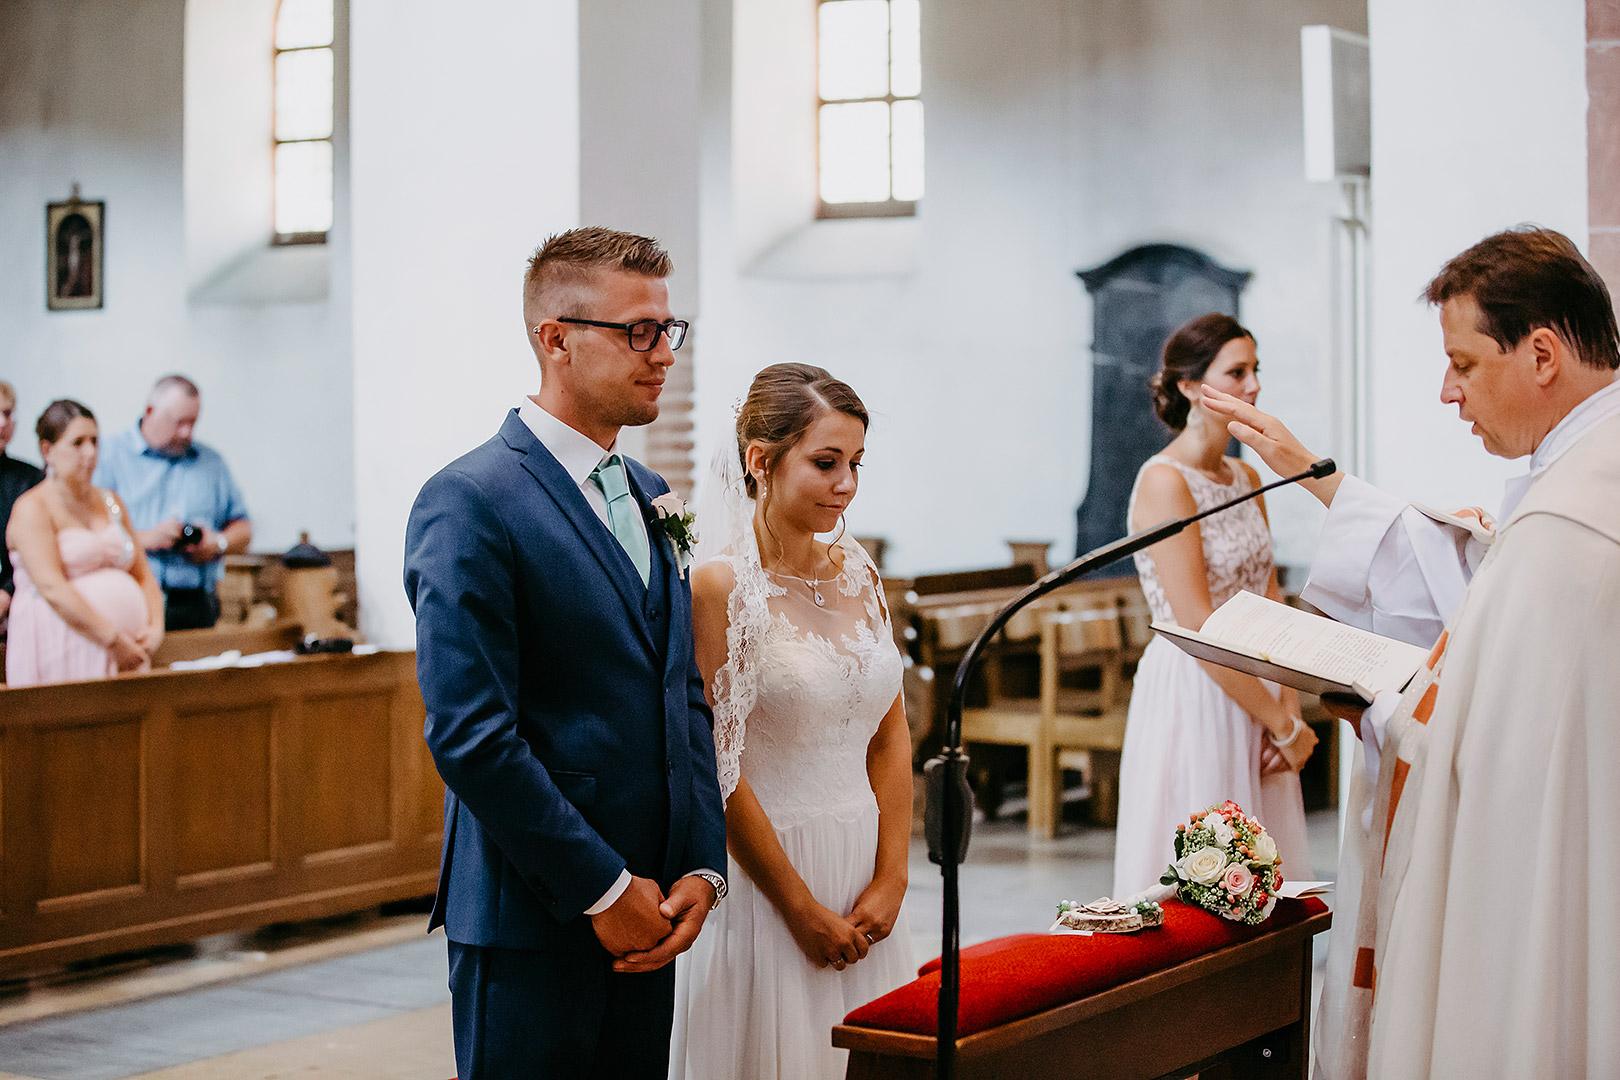 portrait_wedding_IsabellundOliver_71